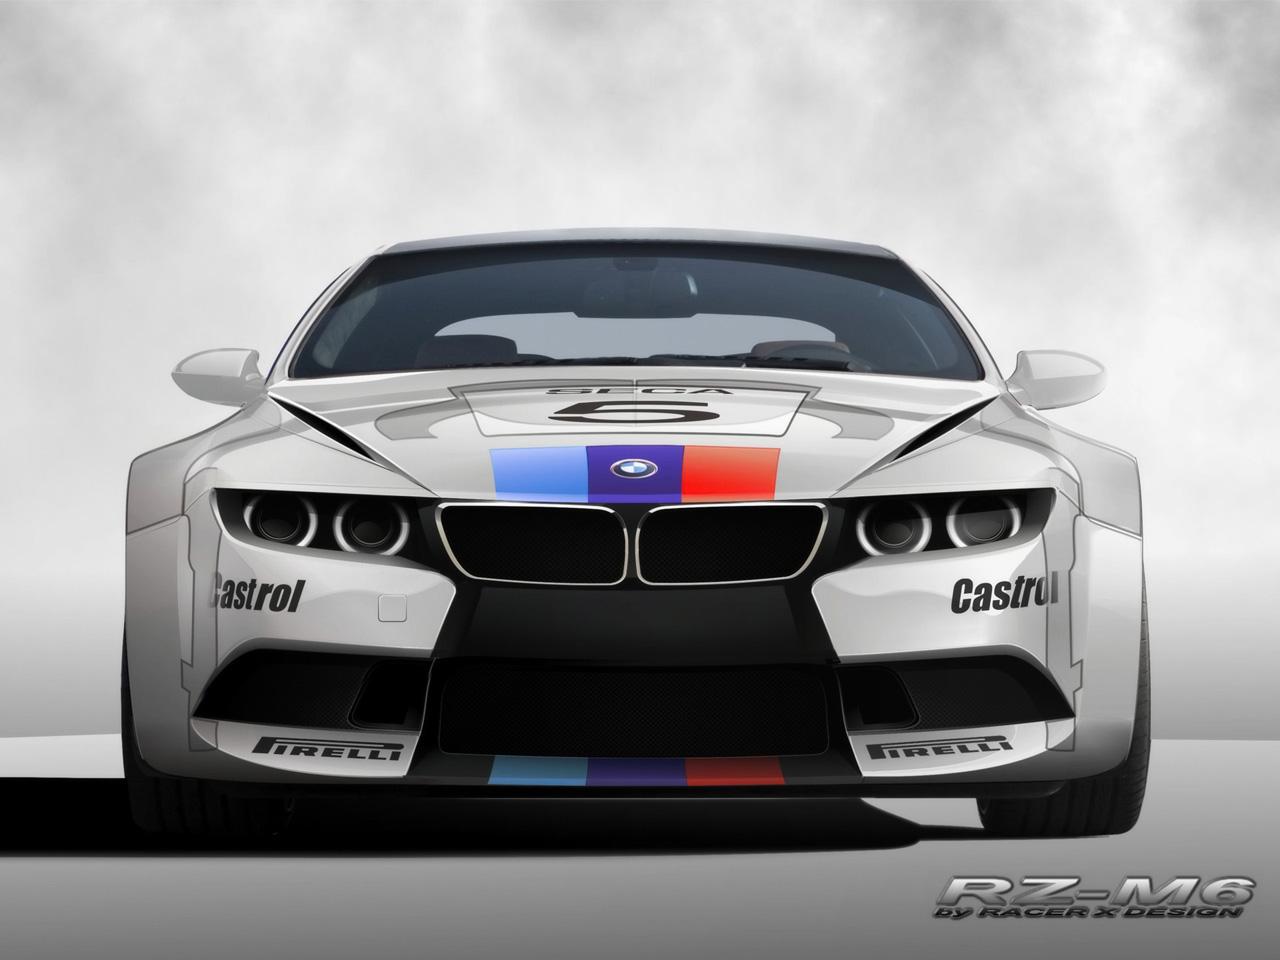 Best Car Review Sitea